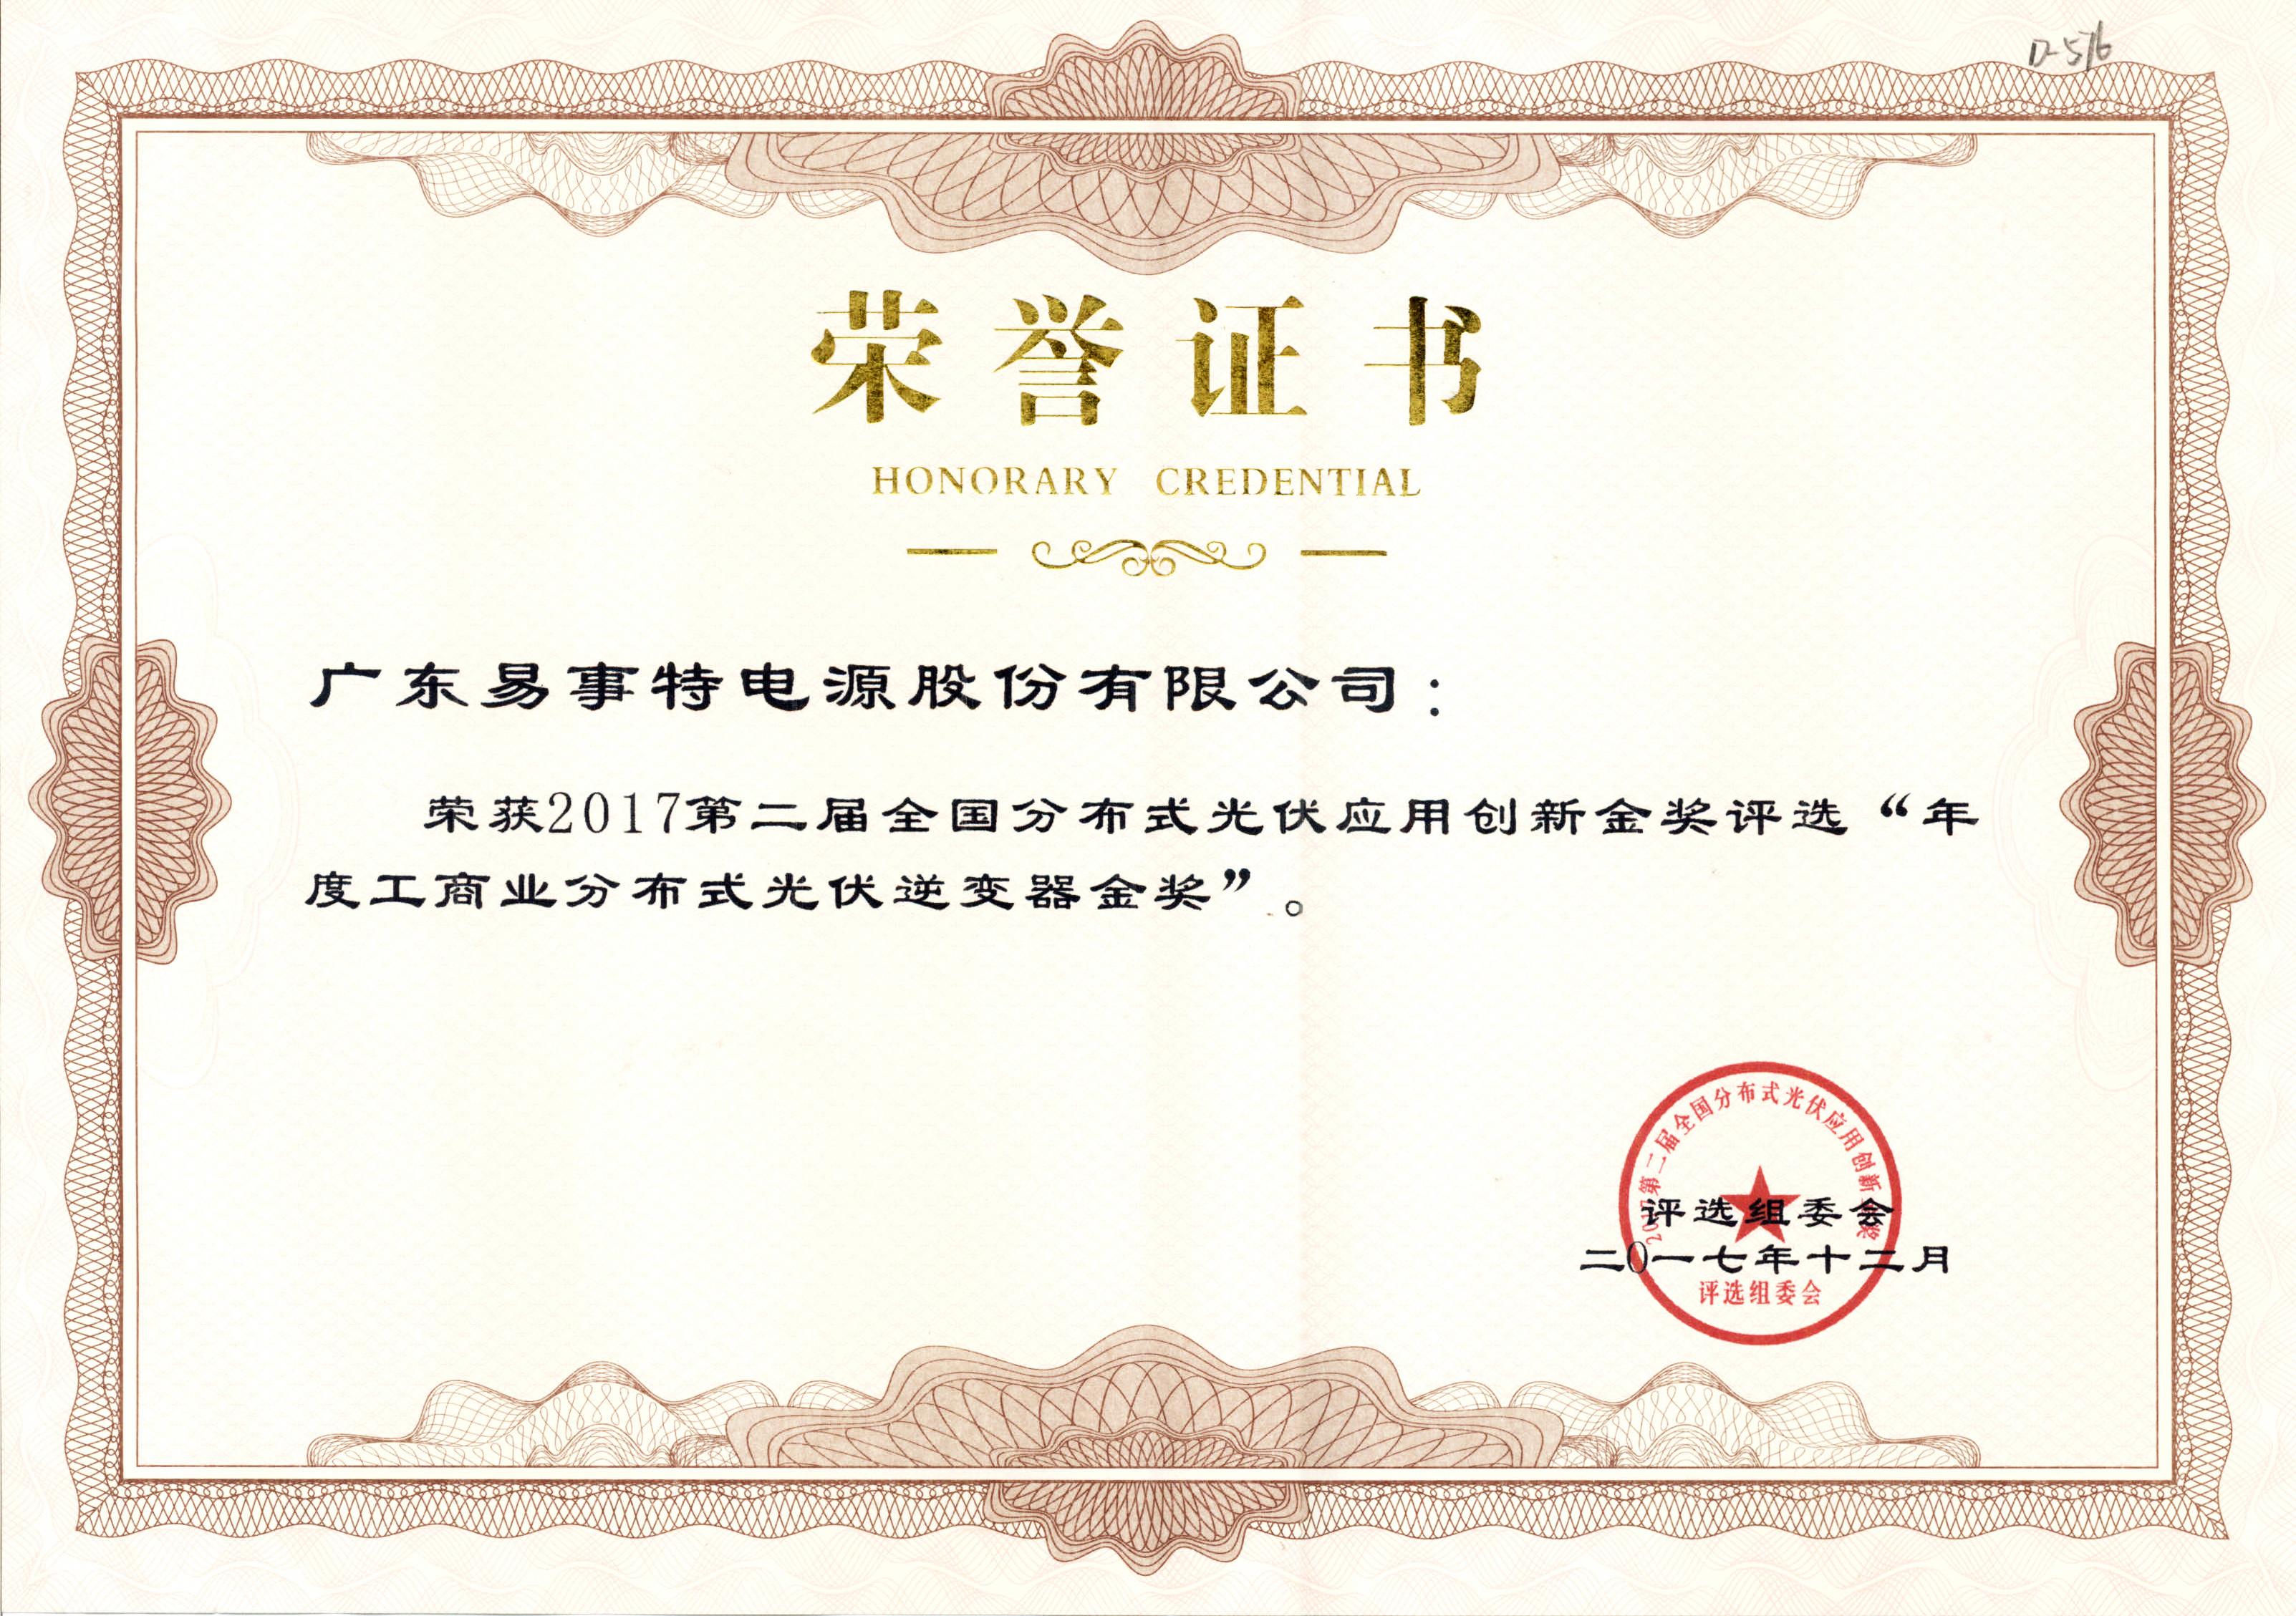 2017年第二届全国分布式易胜博应用创新金奖